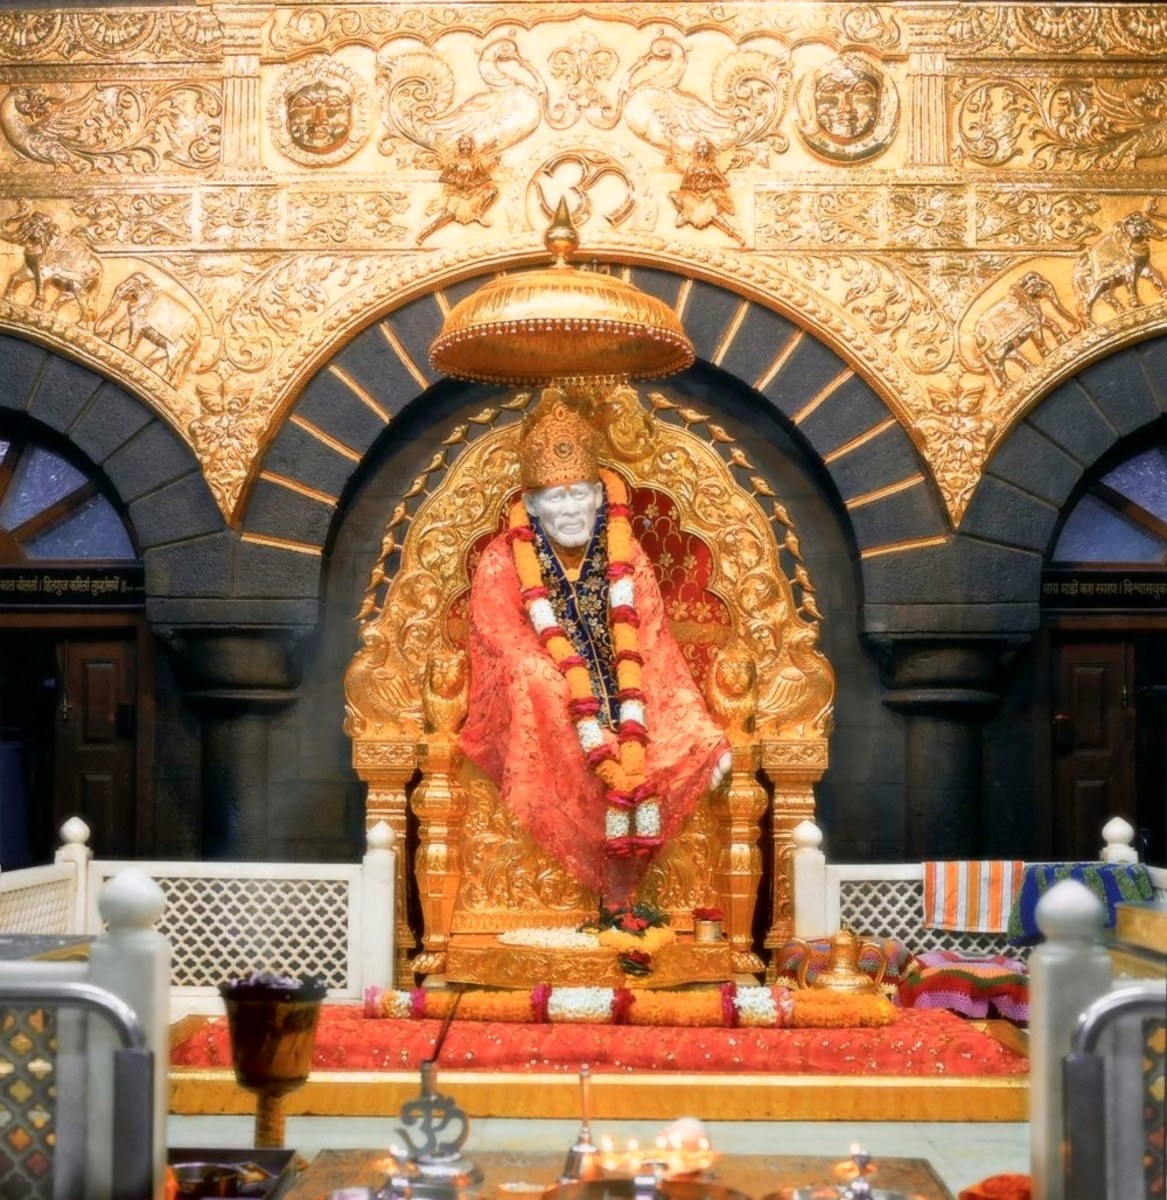 El ídolo de Sai Baba, Shirdi